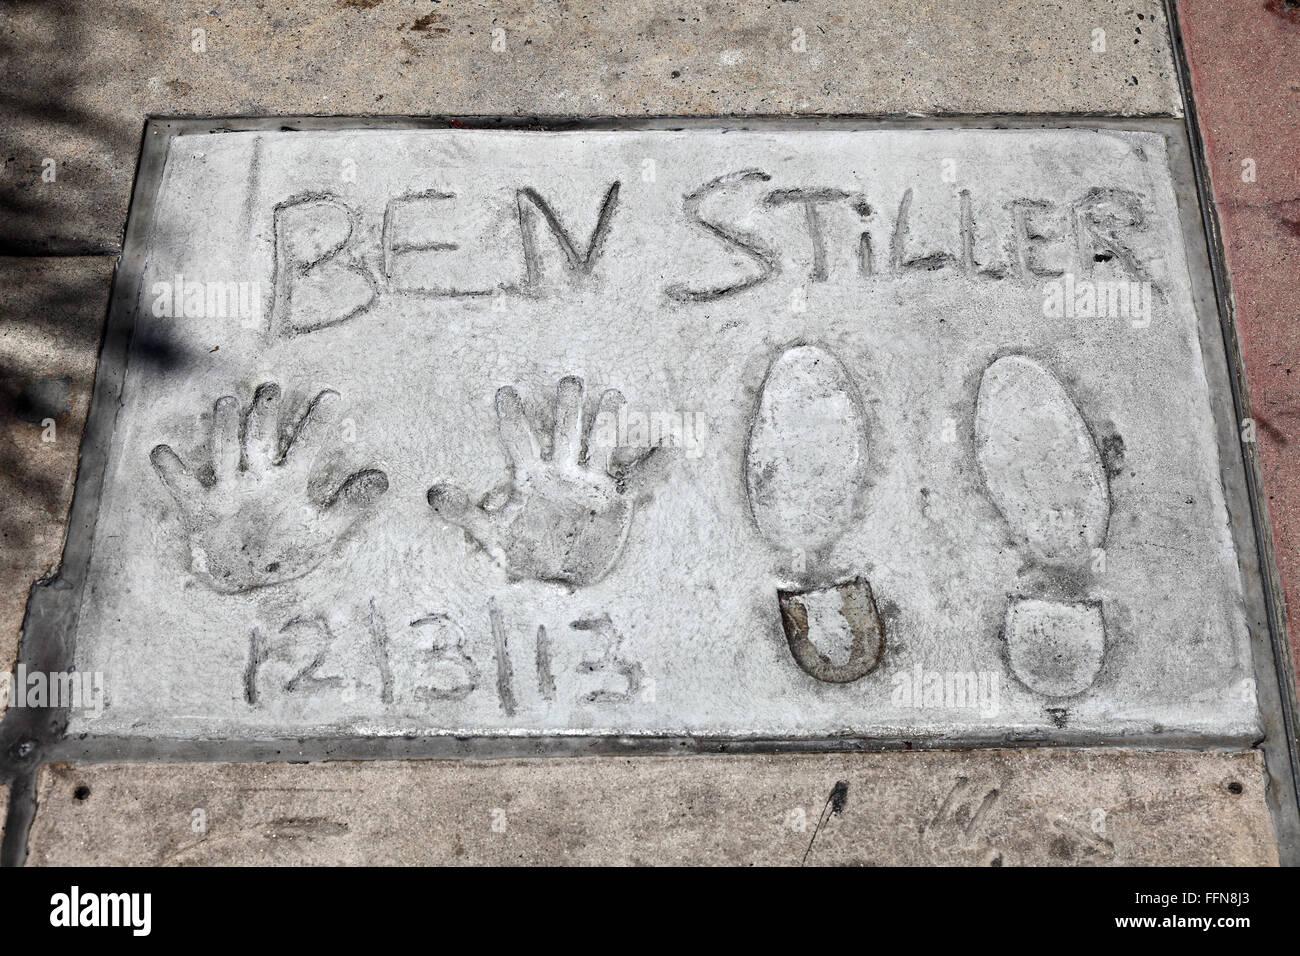 Stiller, Ben, * 30.11.1965, US-amerikanischer Schauspieler, Hand- und Schuh Drucke, Grauman's Chinese Theater, Stockbild